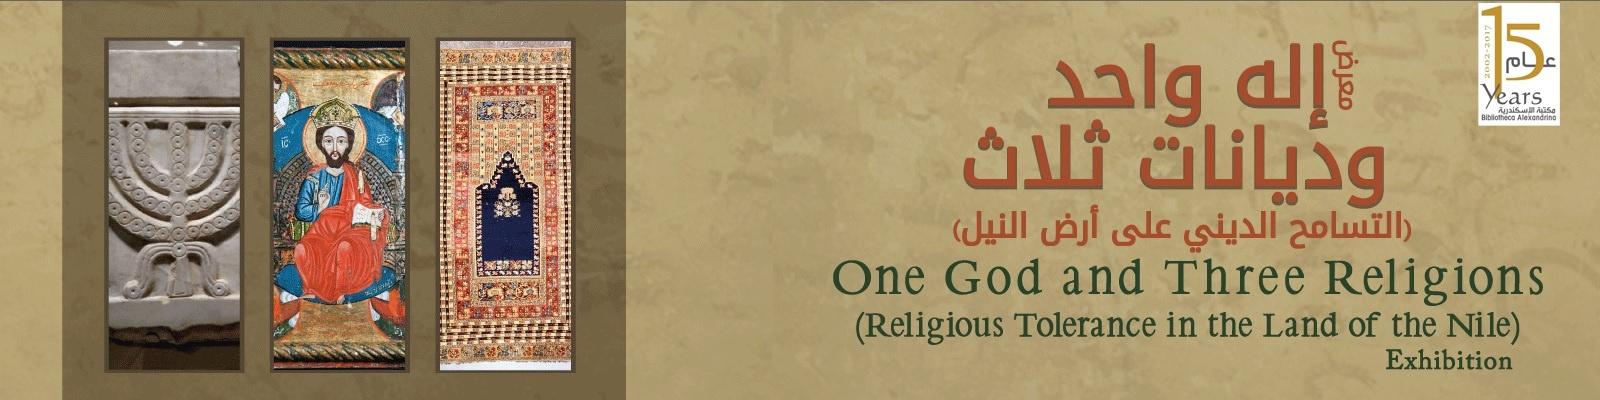 Un Dieu, trois religions : la tolérance religieuse sur la terre du Nil